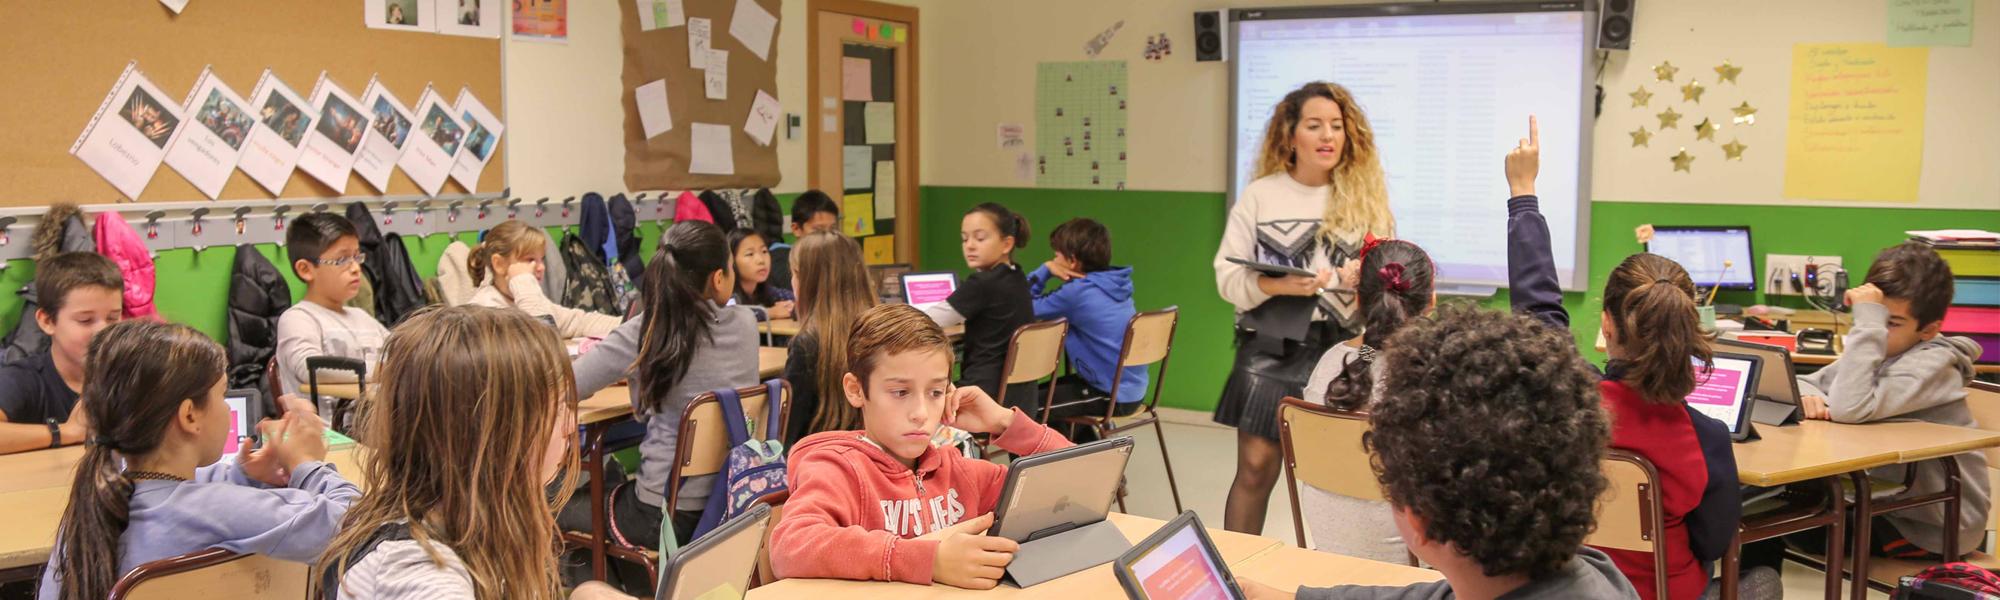 Educación Primaria Colegio El Porvenir